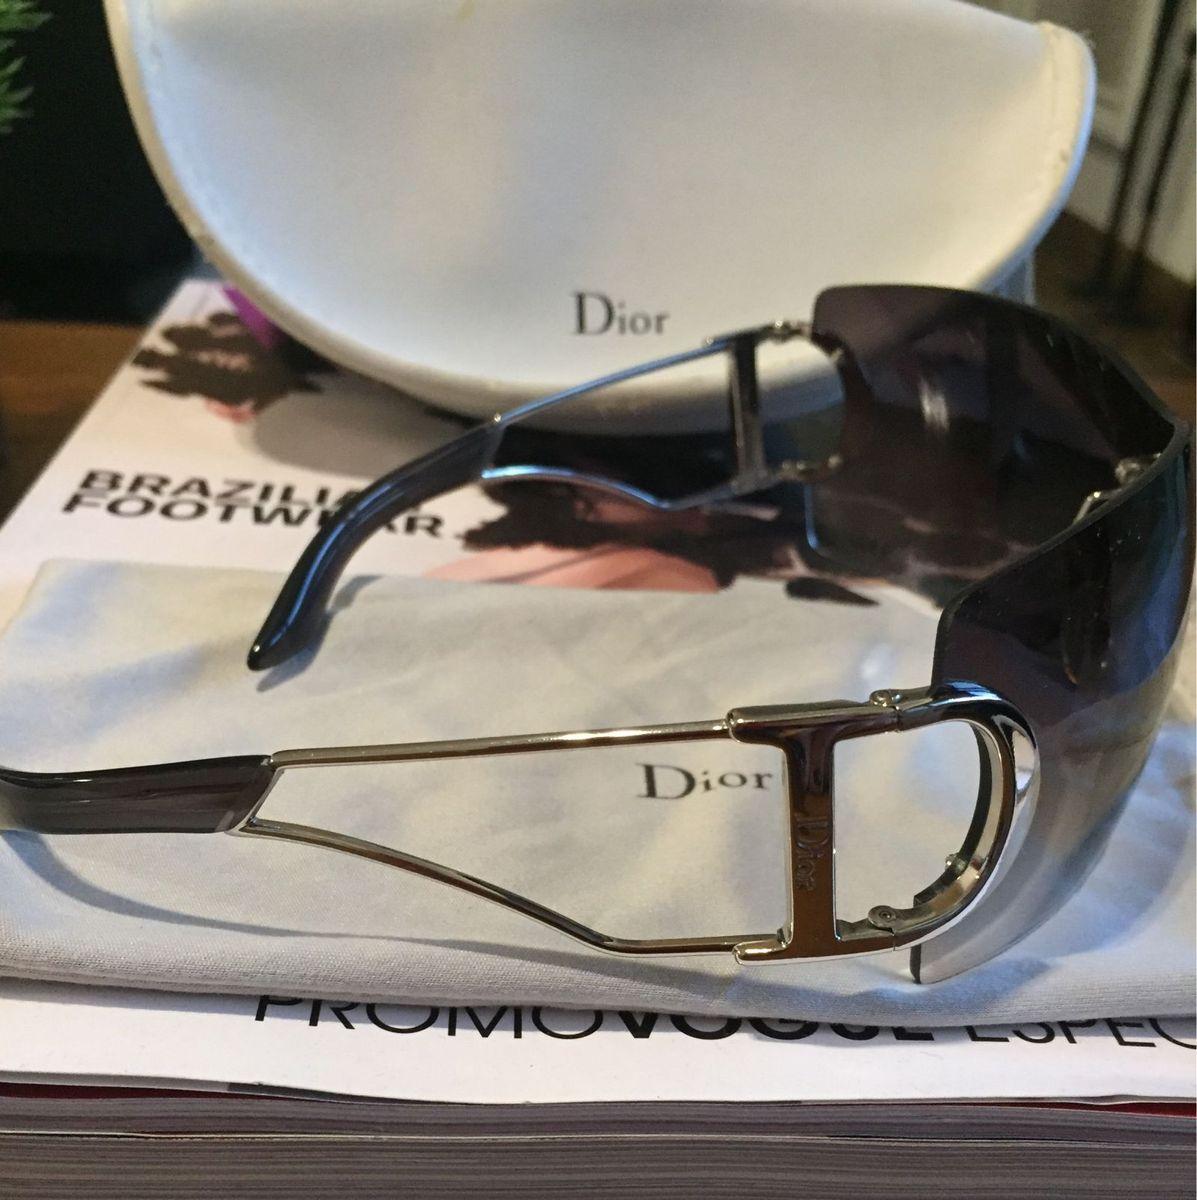 117463ce7 óculos de sol dior novíssimo! - óculos dior.  Czm6ly9wag90b3muzw5qb2vplmnvbs5ici9wcm9kdwn0cy80odexodgxl2q3zjy4zdy3zgexymyymdk5ytmznmyyyjzjmwe0ndg2lmpwzw